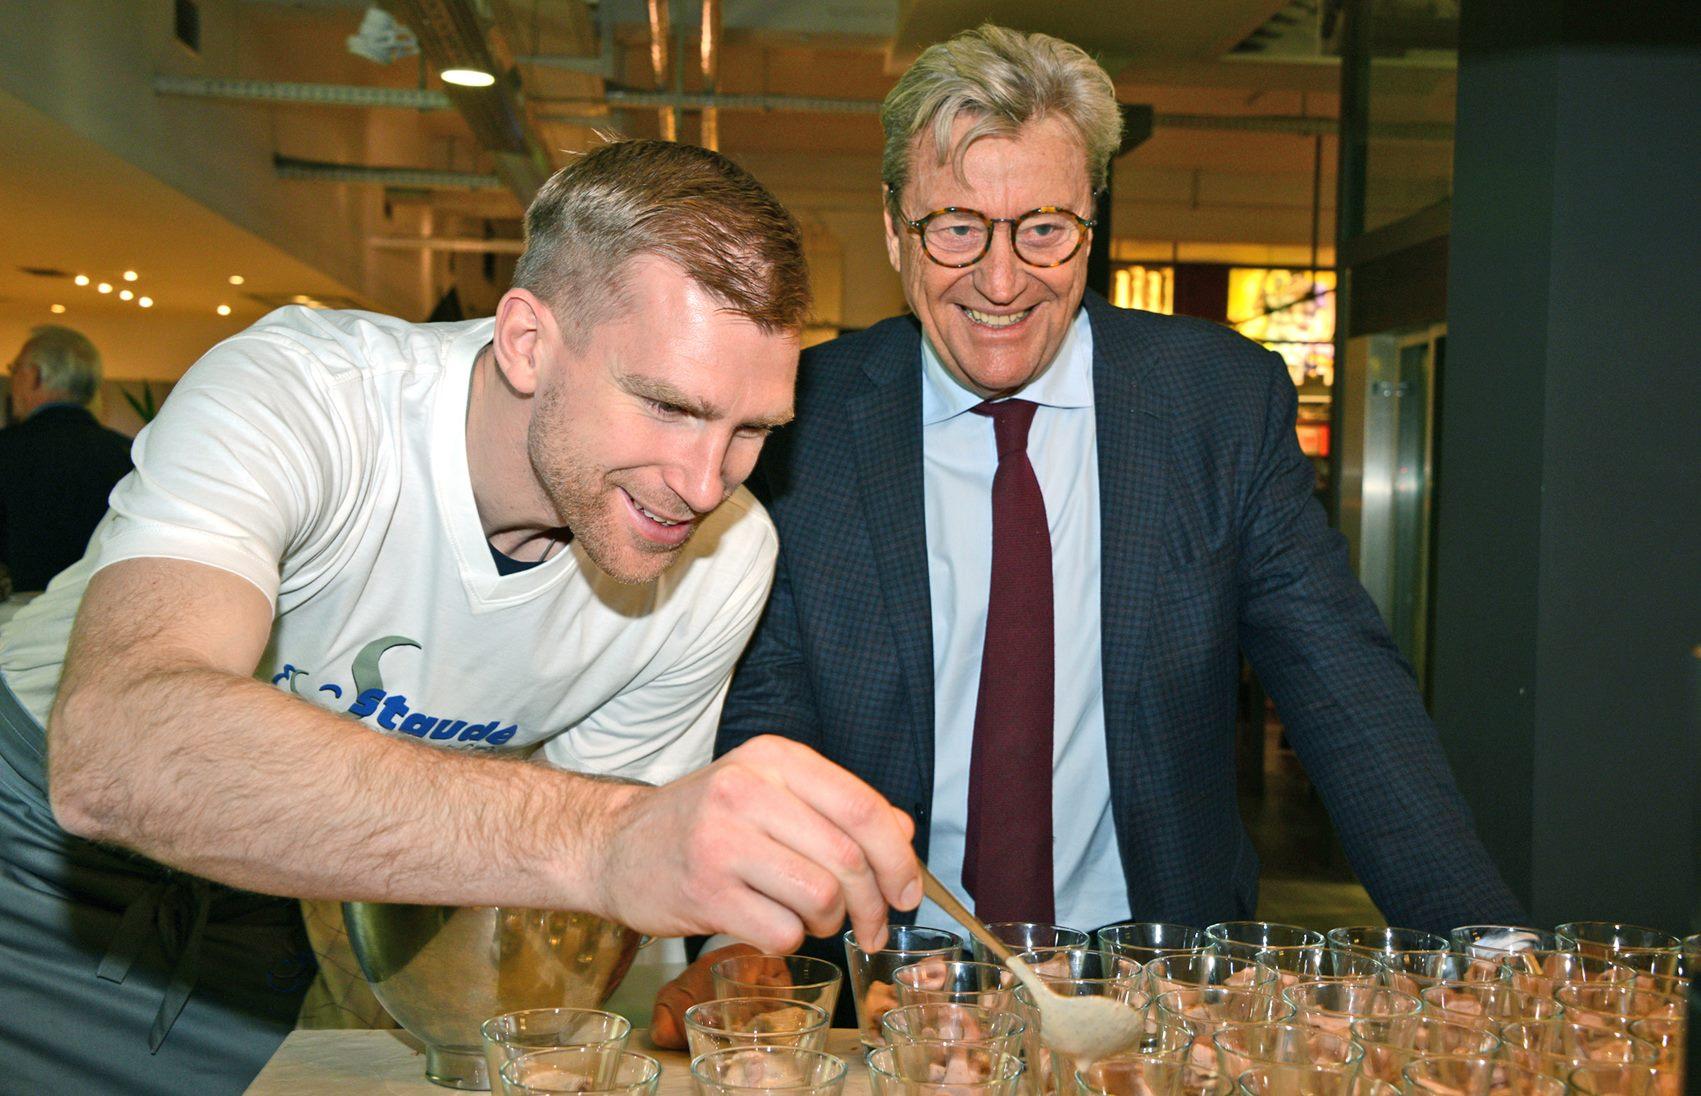 Fußballweltmeister trifft Sternekoch